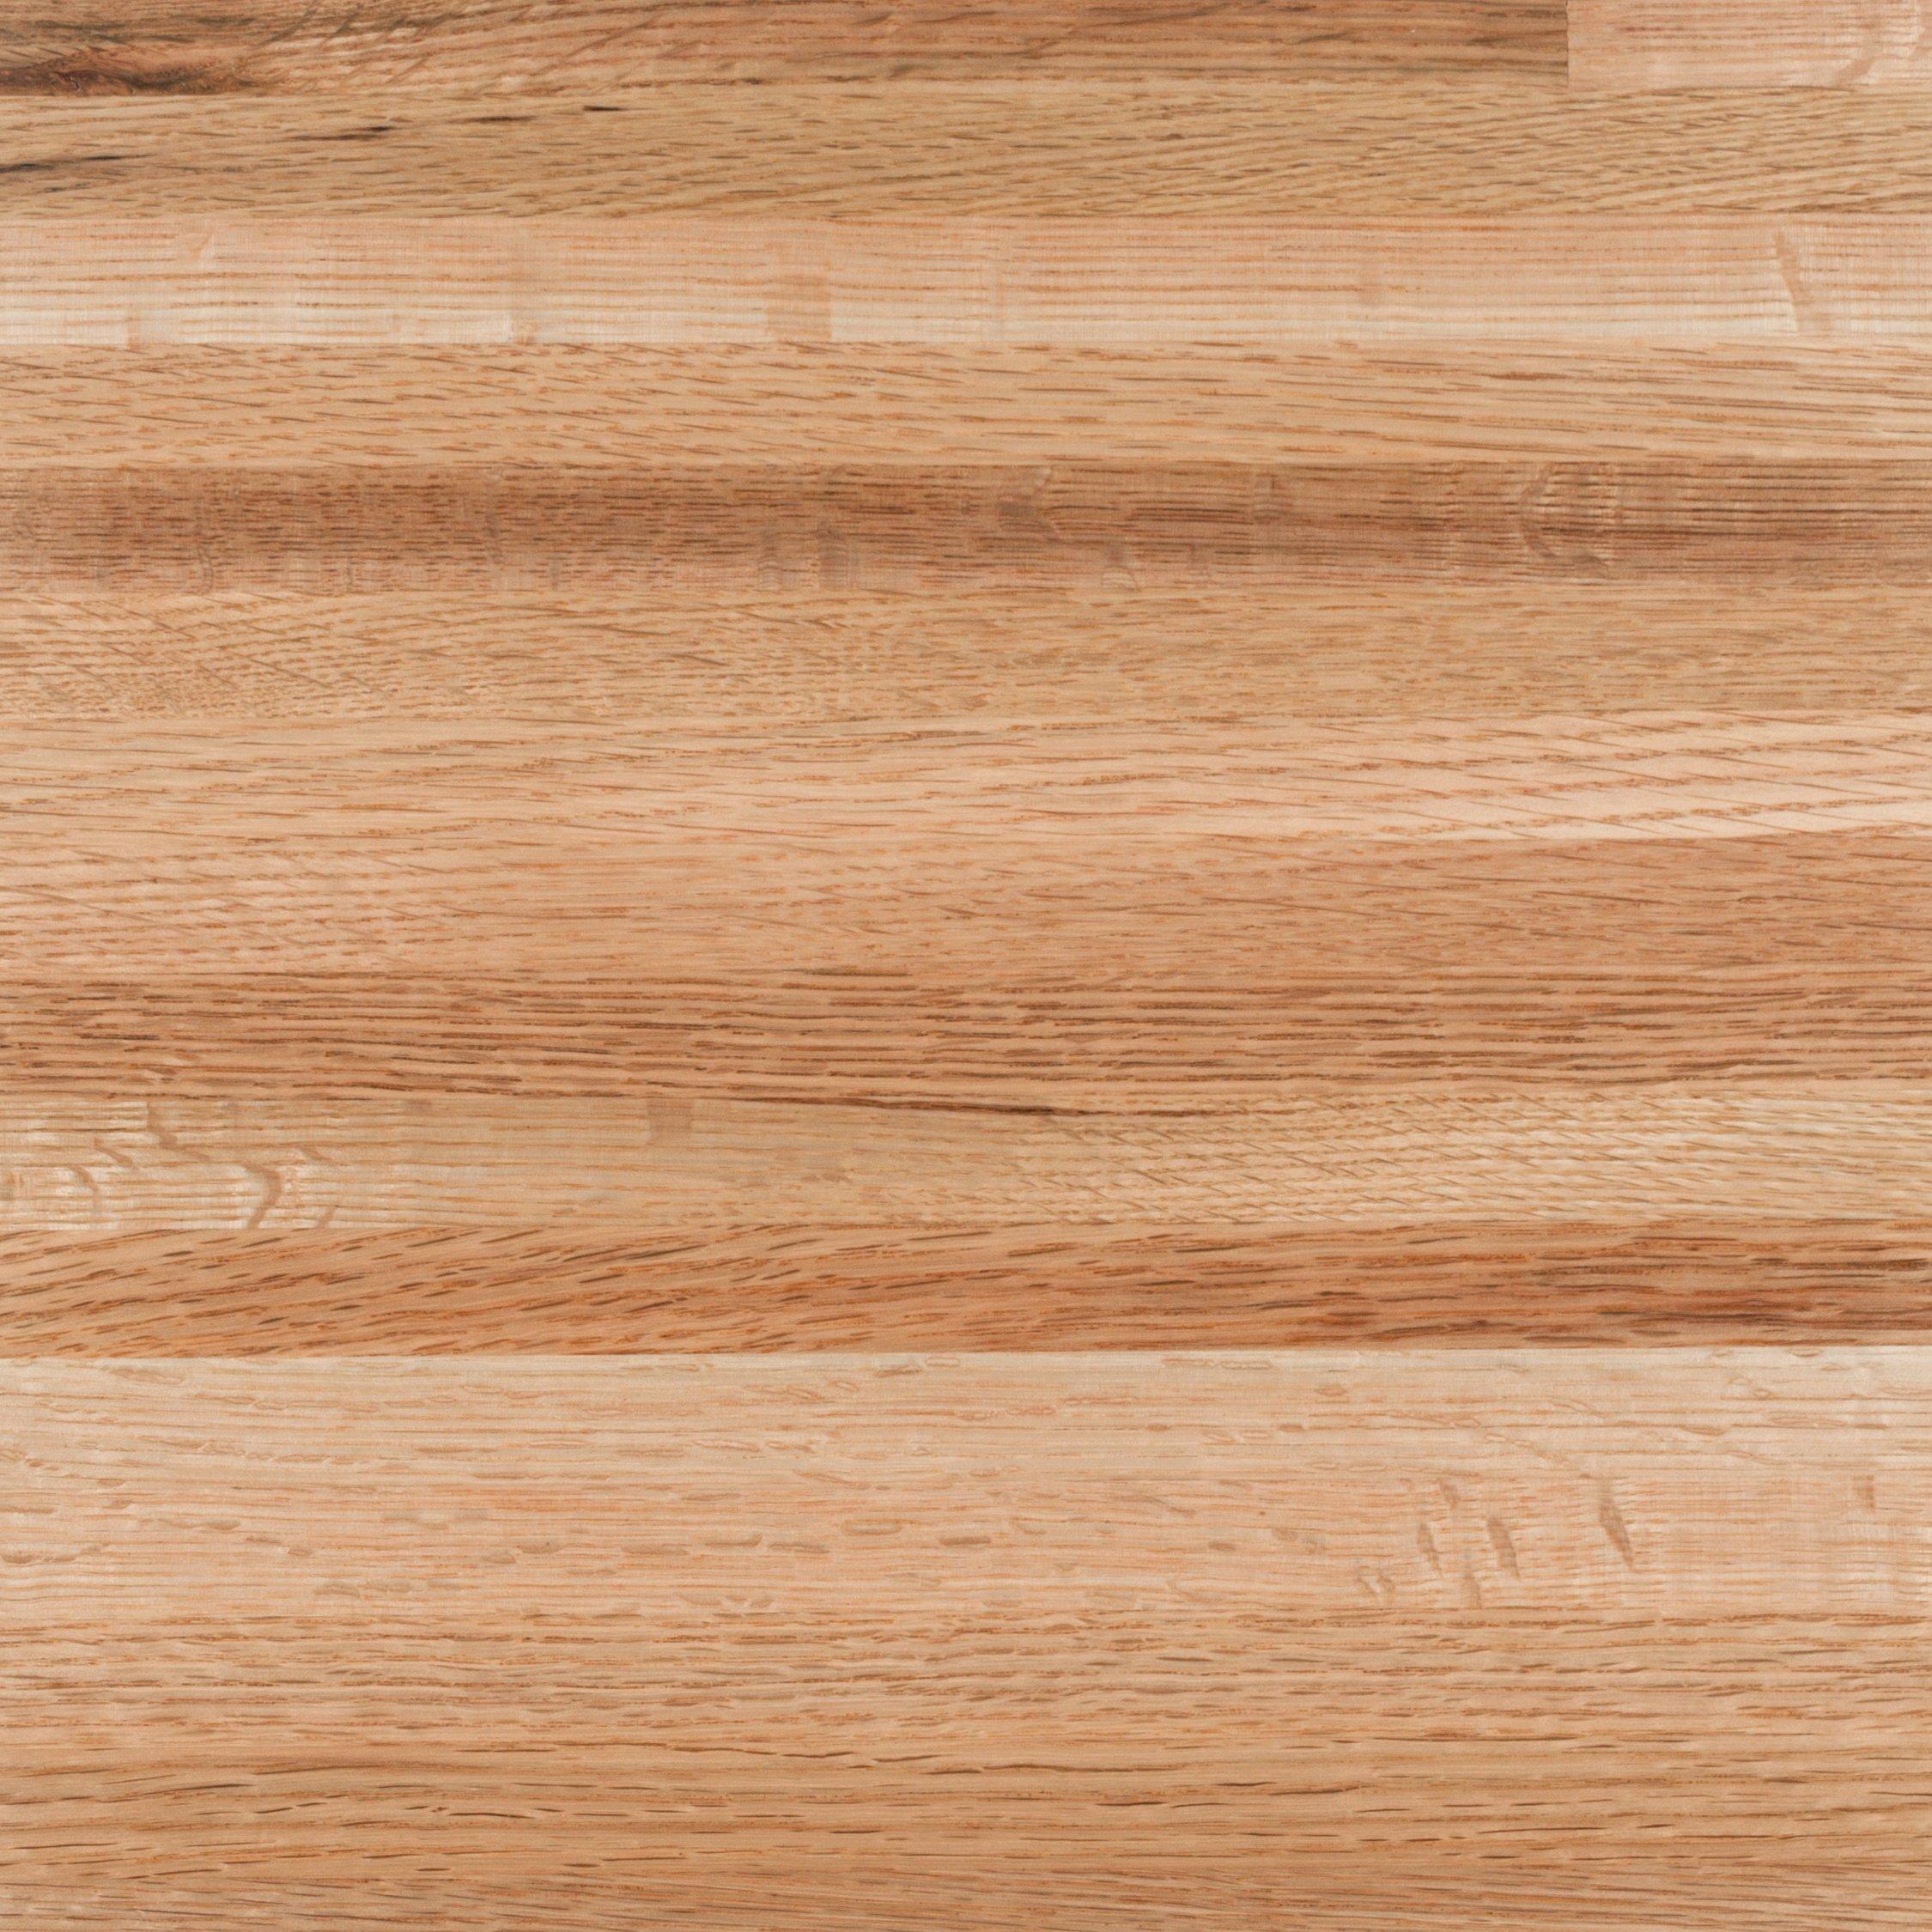 Oak Butcher Block on oak board, oak wine, oak table, oak storage, oak drawing, oak moon, oak dresser, oak texture, oak identification, oak background, oak wood, oak blocking, oak beadboard paneling, oak white, oak seeds, oak fruit, oak veneer, oak nuts, oak roots, oak moth,